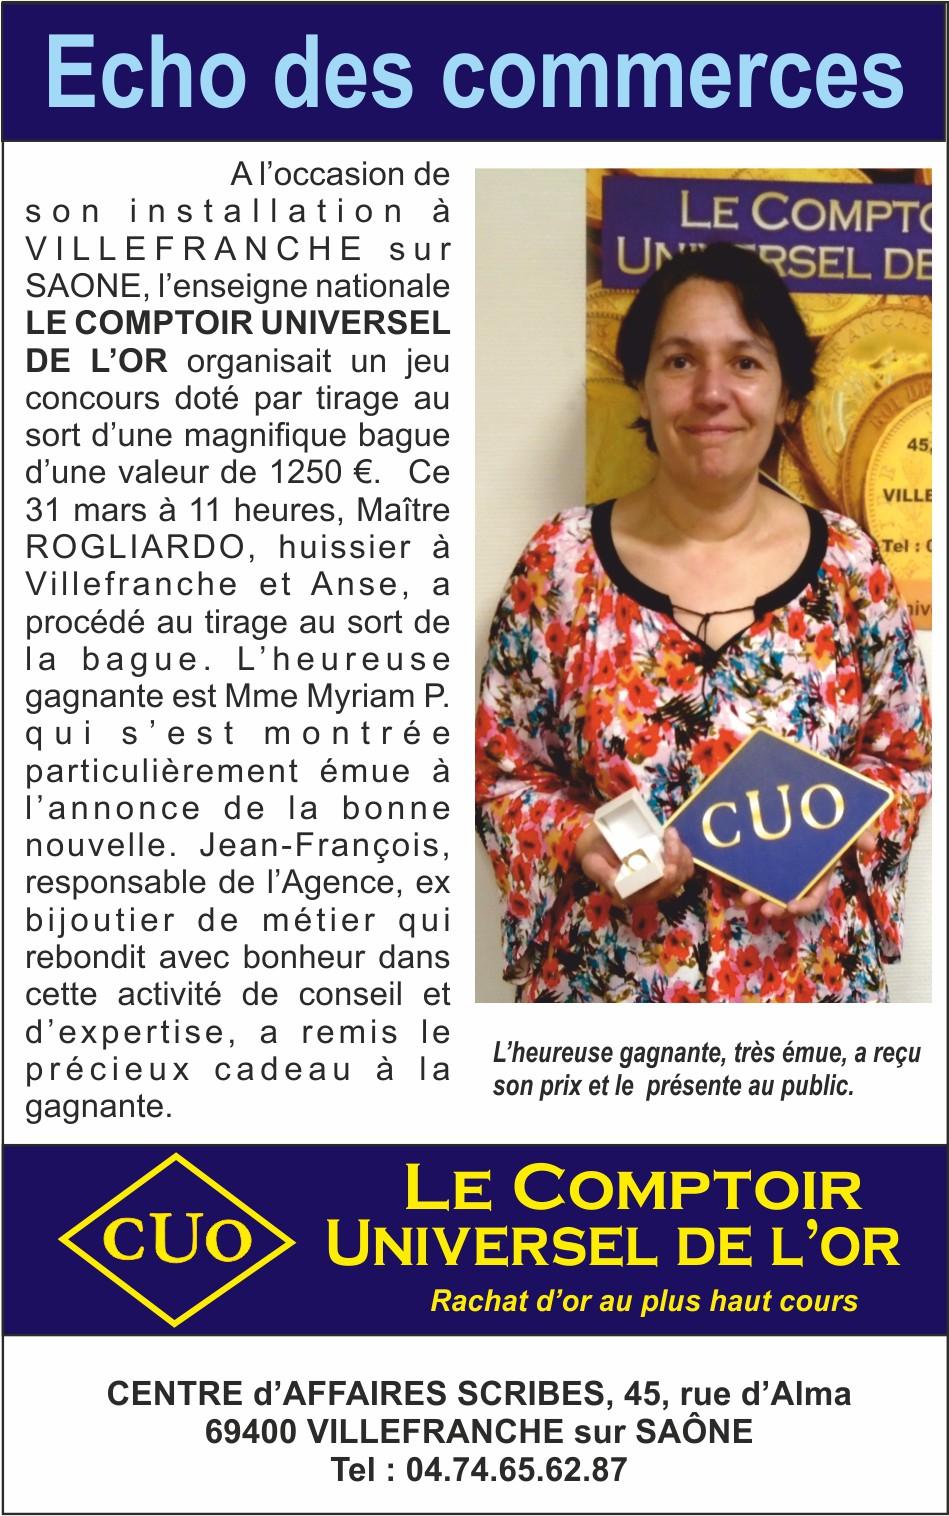 JEU-CONCOURS «  OUVERTURE du COMPTOIR UNIVERSEL DE L'OR à VILLEFRANCHE sur SAONE  »